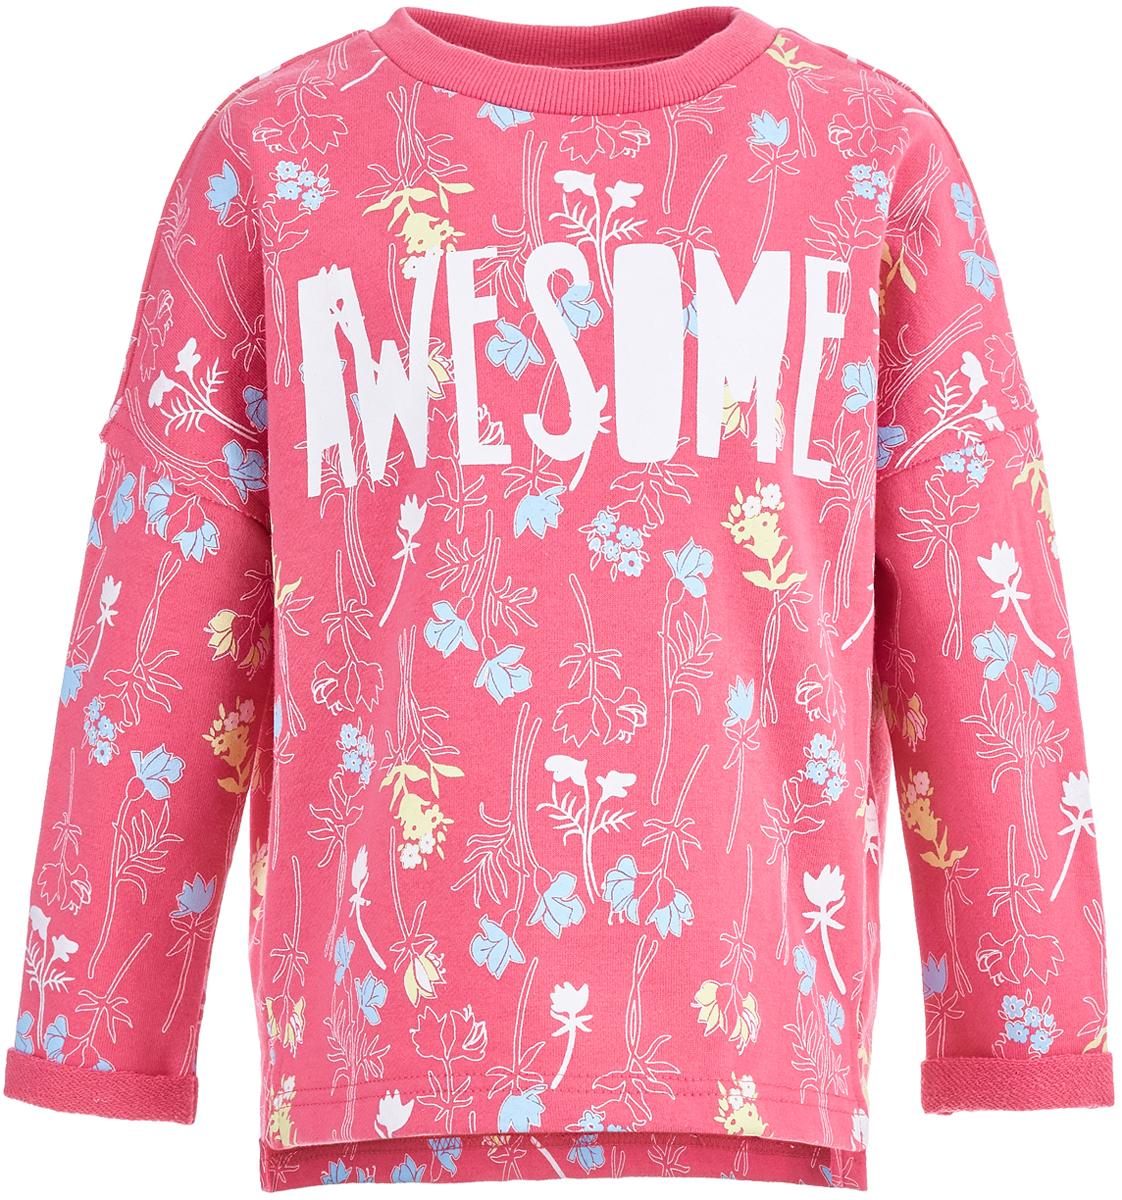 Свитшот для девочки Button Blue, цвет: светло-розовый. 118BBGC16051214. Размер 104118BBGC16051214Яркий детский свитшот - идеальная весенняя одежда для девочки. Модель с длинными рукавами декорирована надписью, сделанной стильным шрифтом. Она может украсить любой образ и добавить ребенку позитива в самый прохладный день! Чтобы порадовать девочку, ей можно купить детский свитшот, отличающийся модным дизайном и удобным кроем.